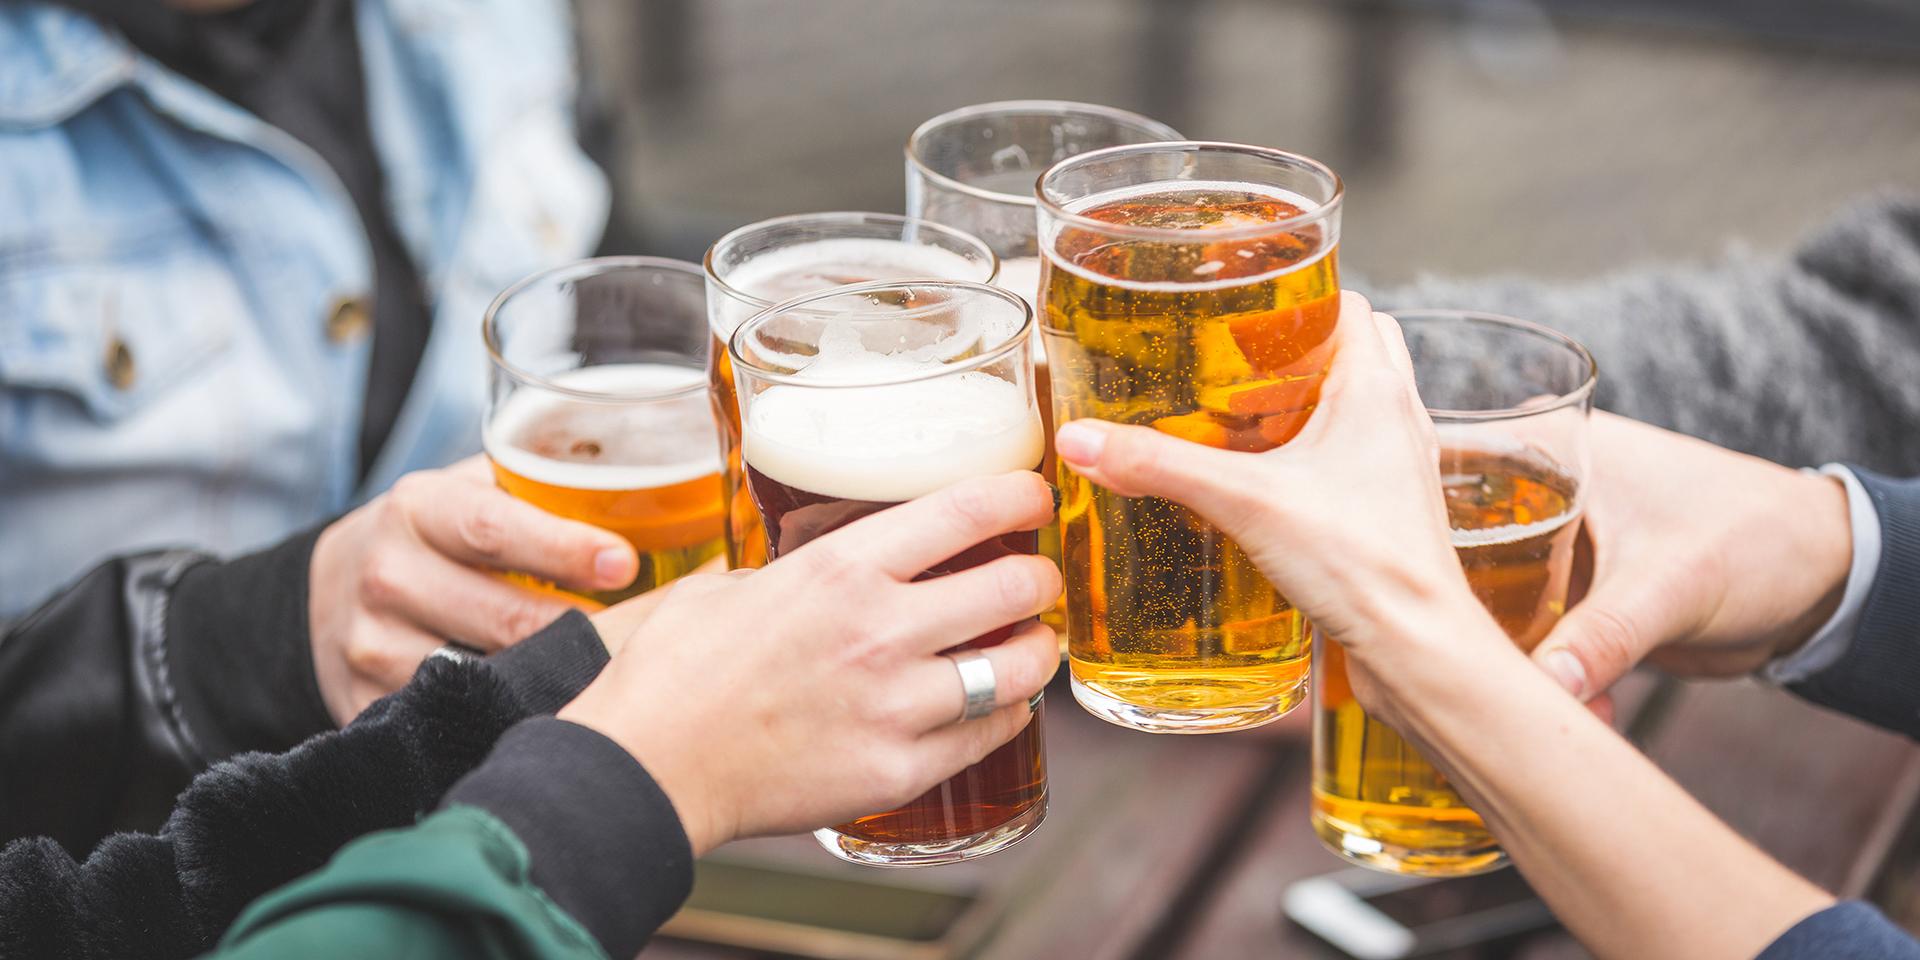 https://www.mountaineerstaphouse.com/wp-content/uploads/2018/01/beer-Cheers1.jpg